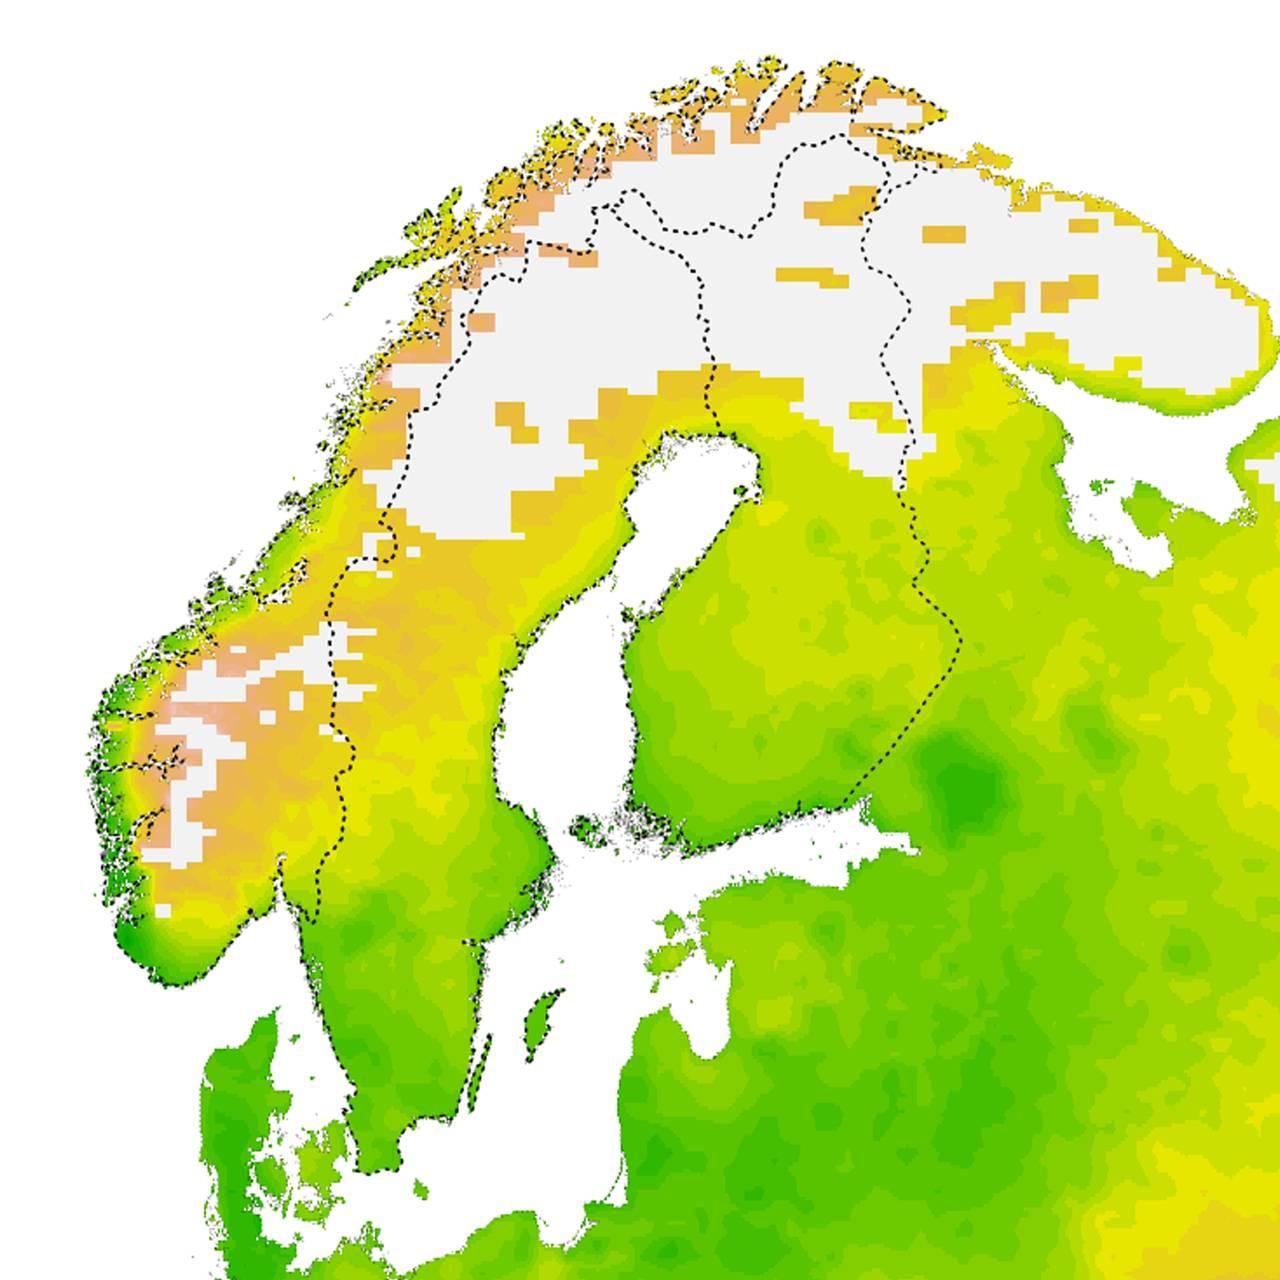 Fremskriving av klimamessige optimale forhold for flått årene 2080-2100 i Norge. Kartet er utarbeidet av Solveig Jore, Folkehelseinstituttet og Christian Wilhelm Mohr ved Norsk Institutt for Bioøkonomi.